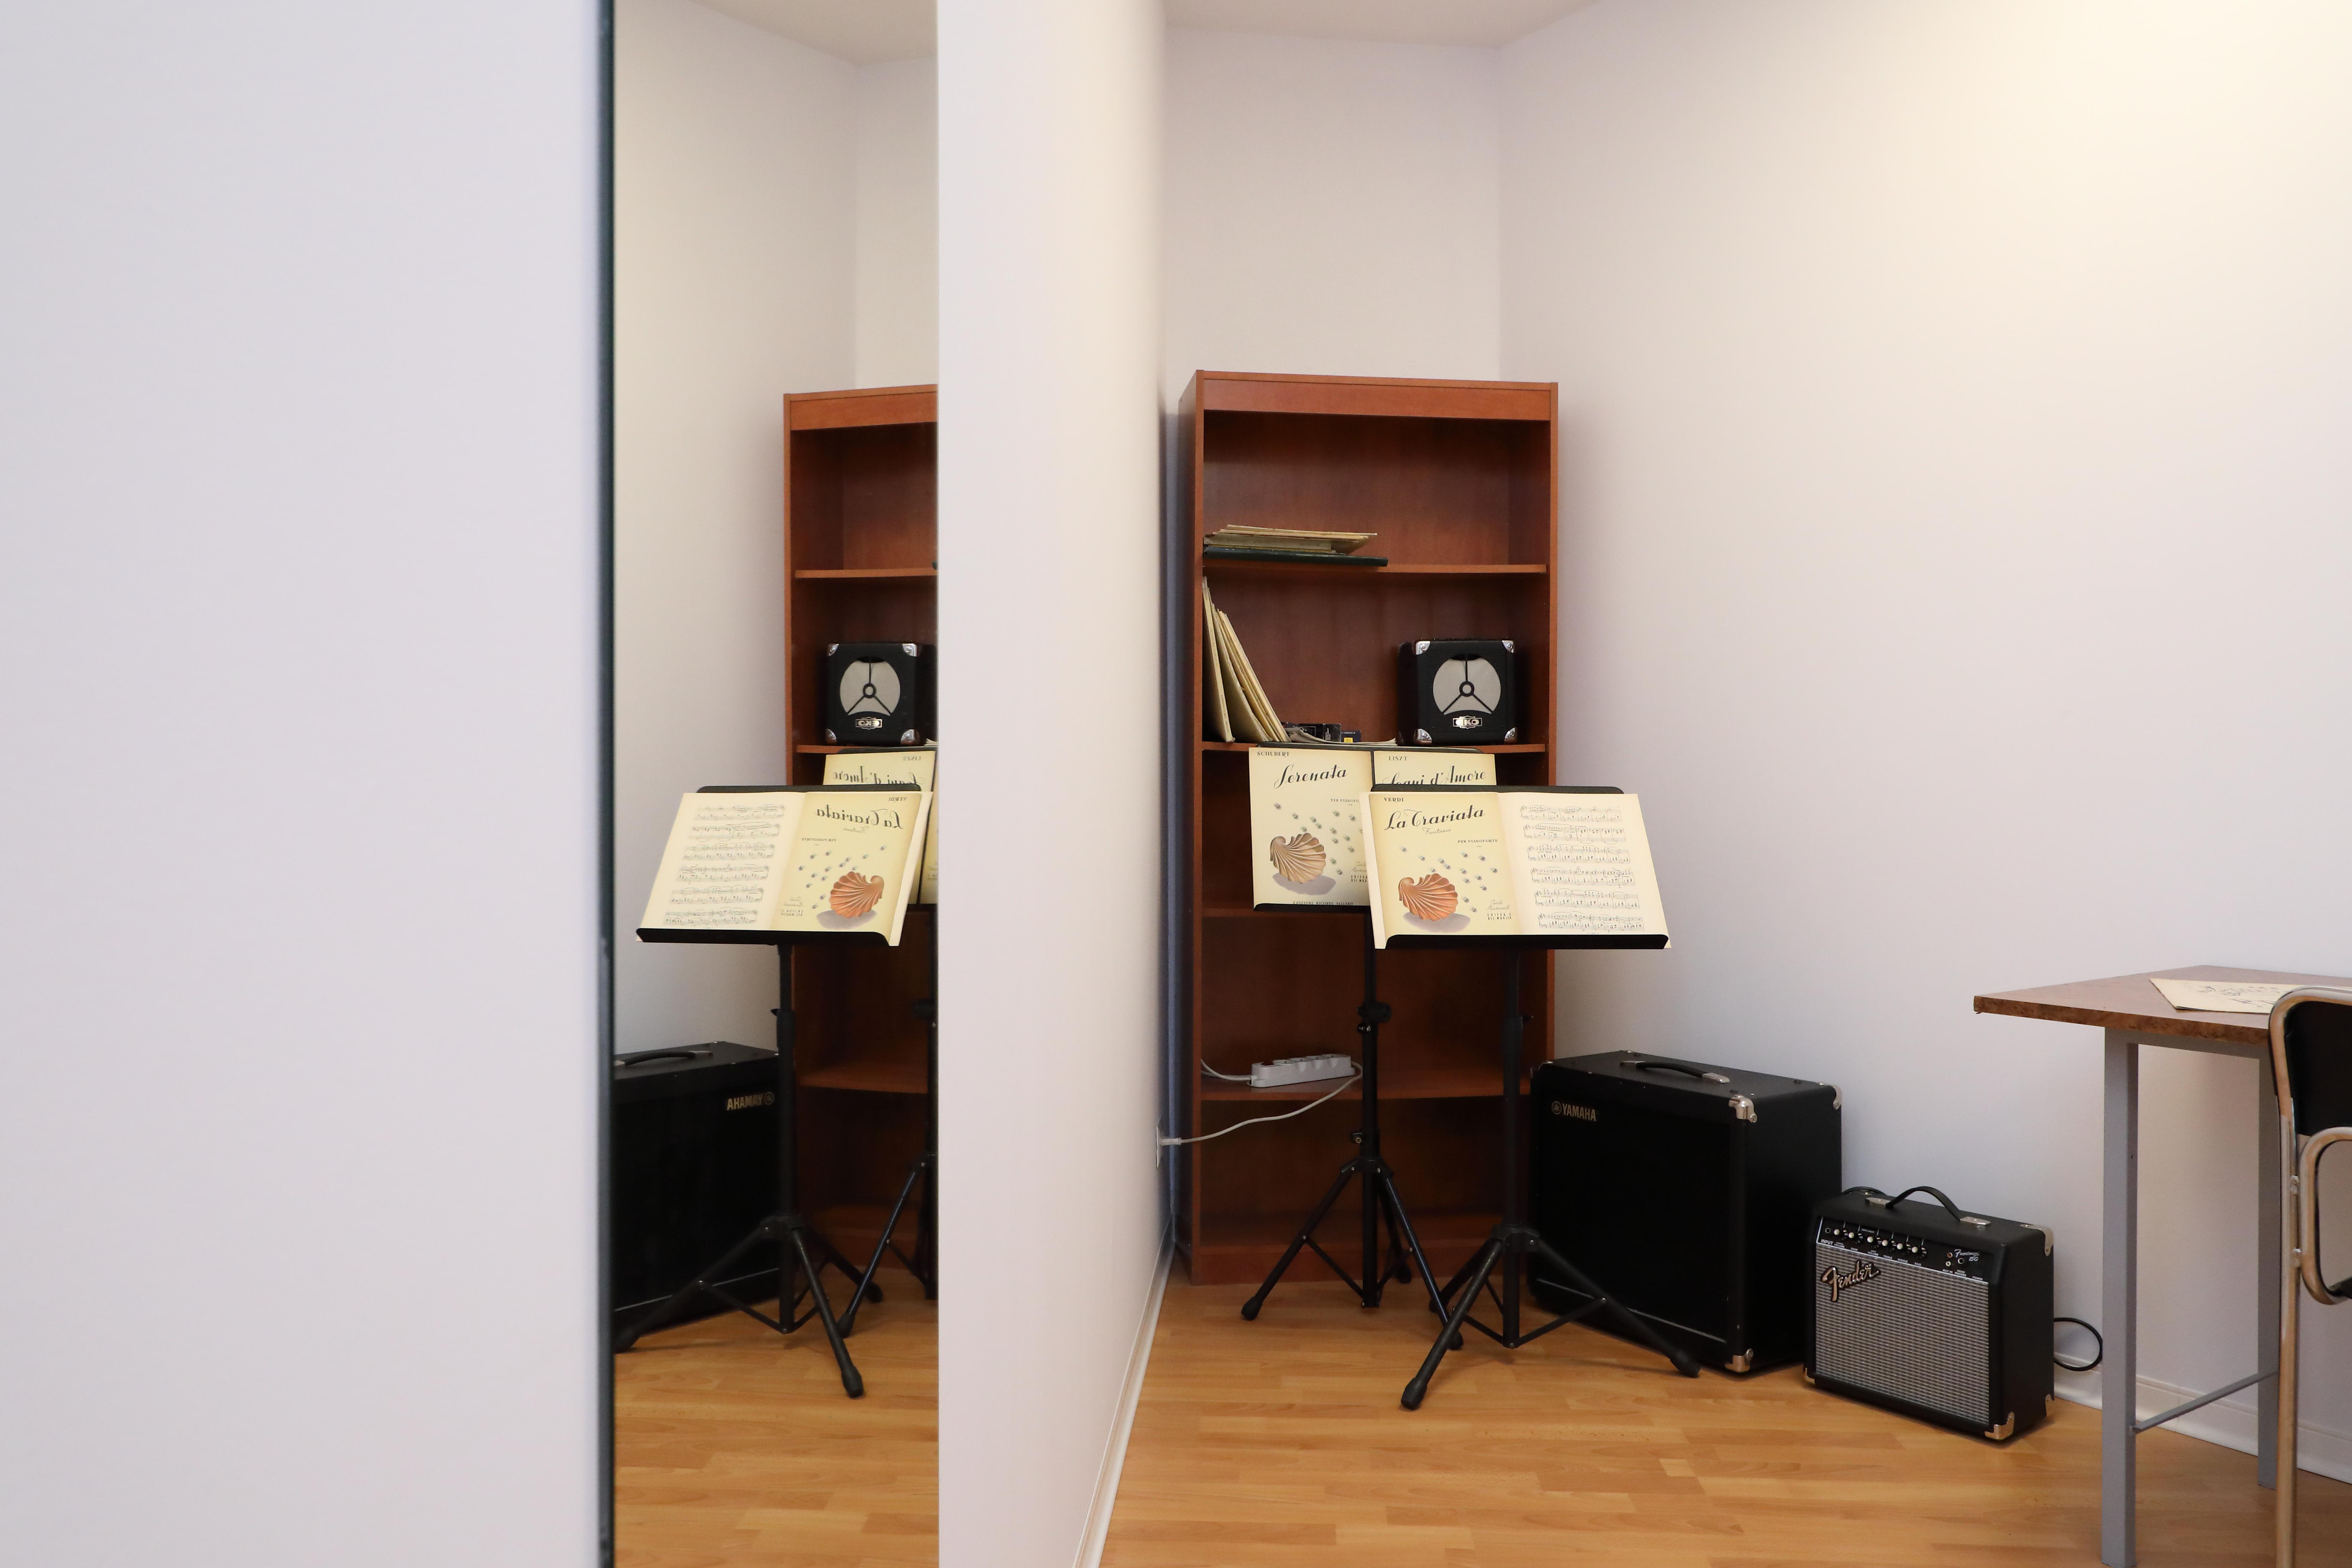 Aula 1 - Giuseppe Mariani